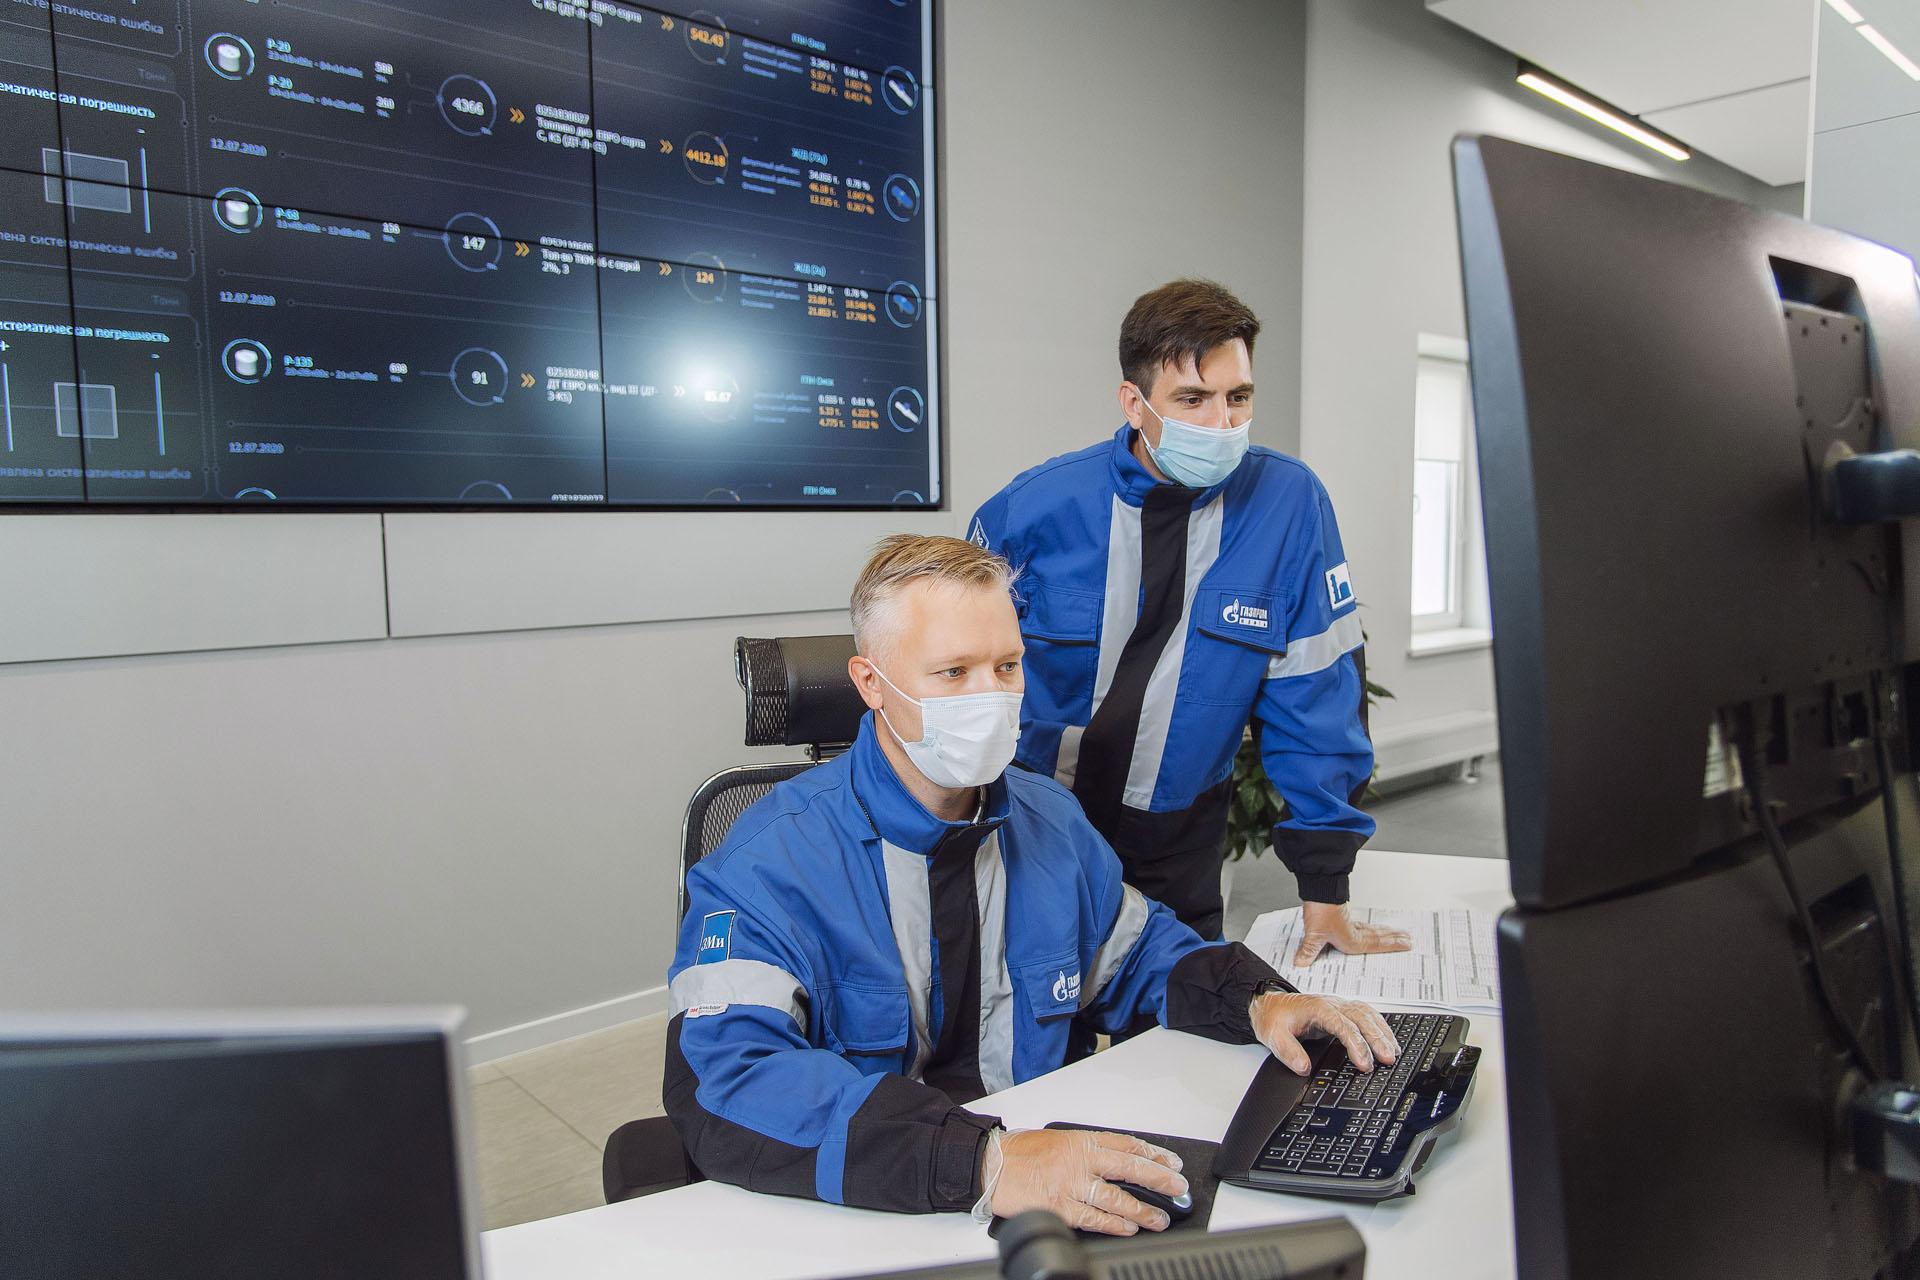 Омский НПЗ готовит специалистов с помощью компьютерных тренажеров